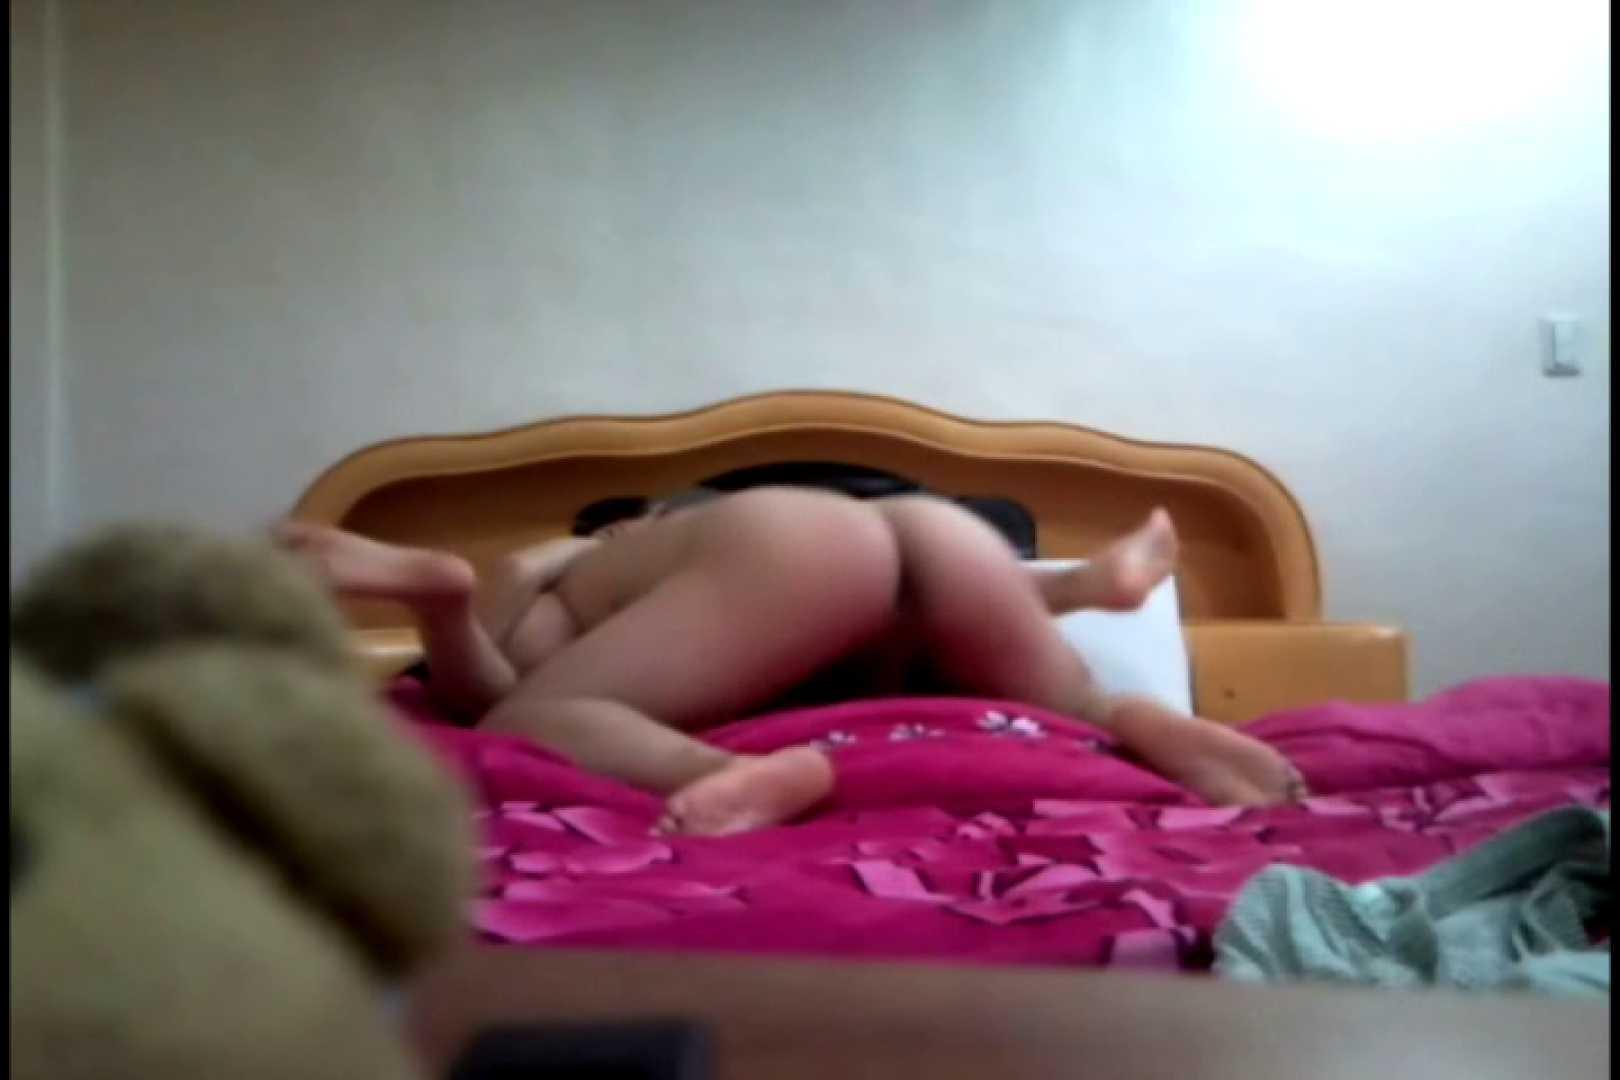 コリアン素人流出シリーズ ラブホテル隠し撮り 流出作品 AV動画キャプチャ 97枚 32